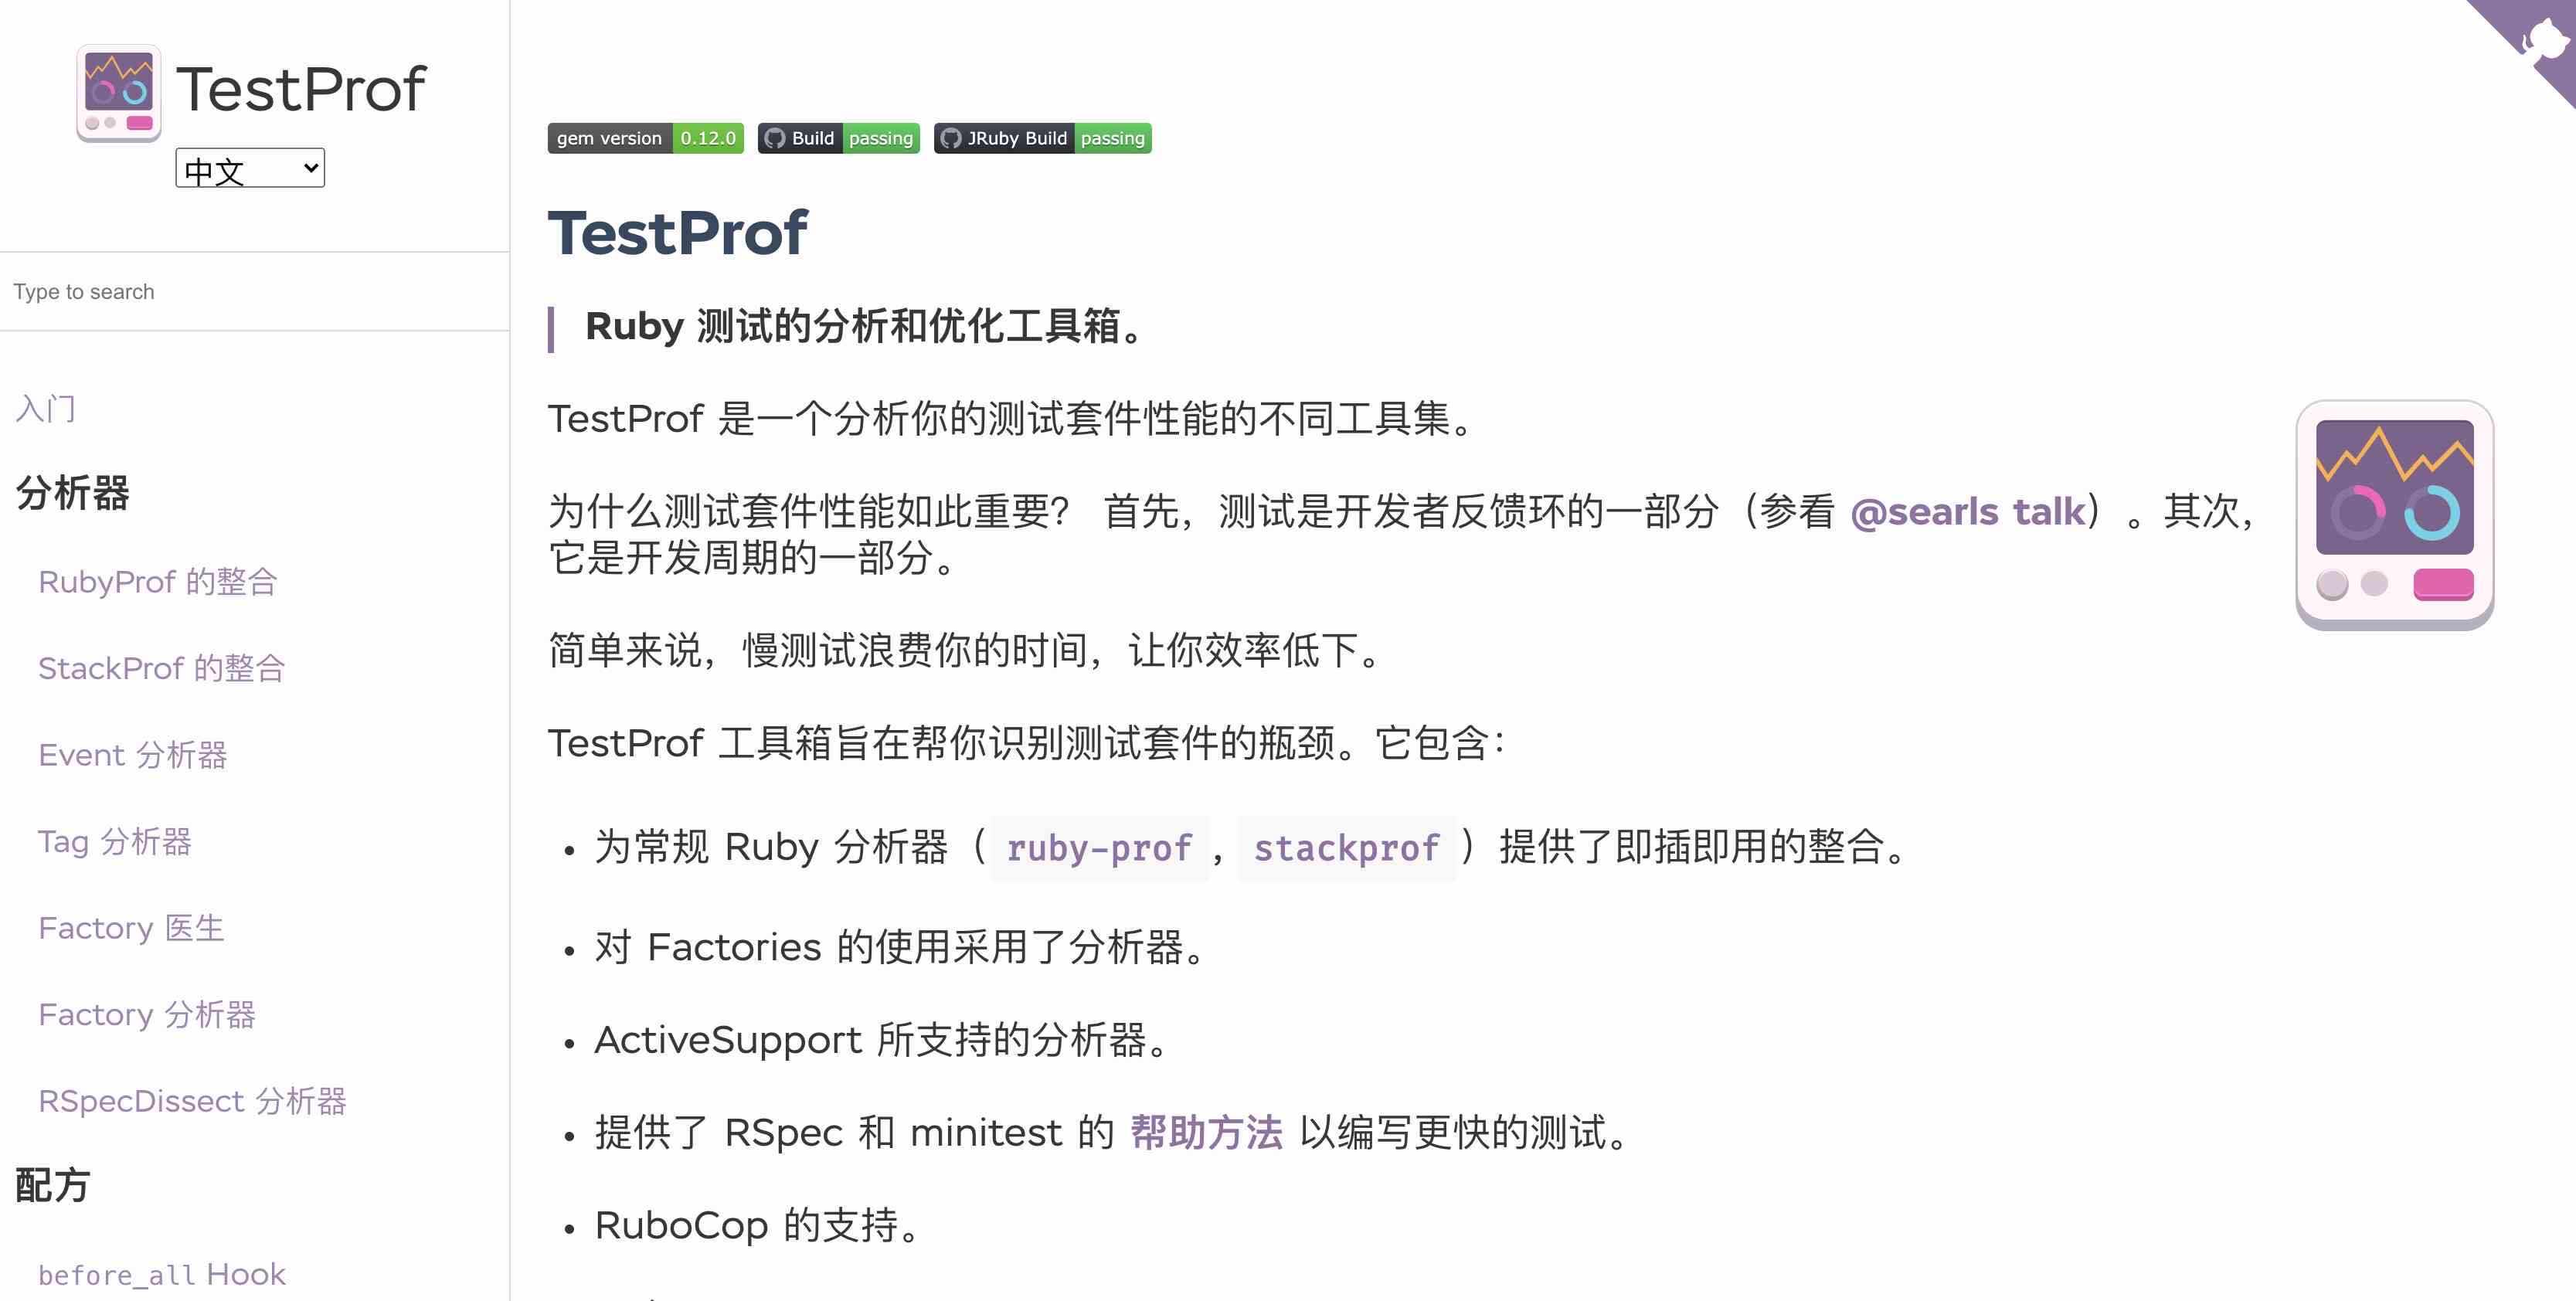 20200818testprof-doc-cn-01